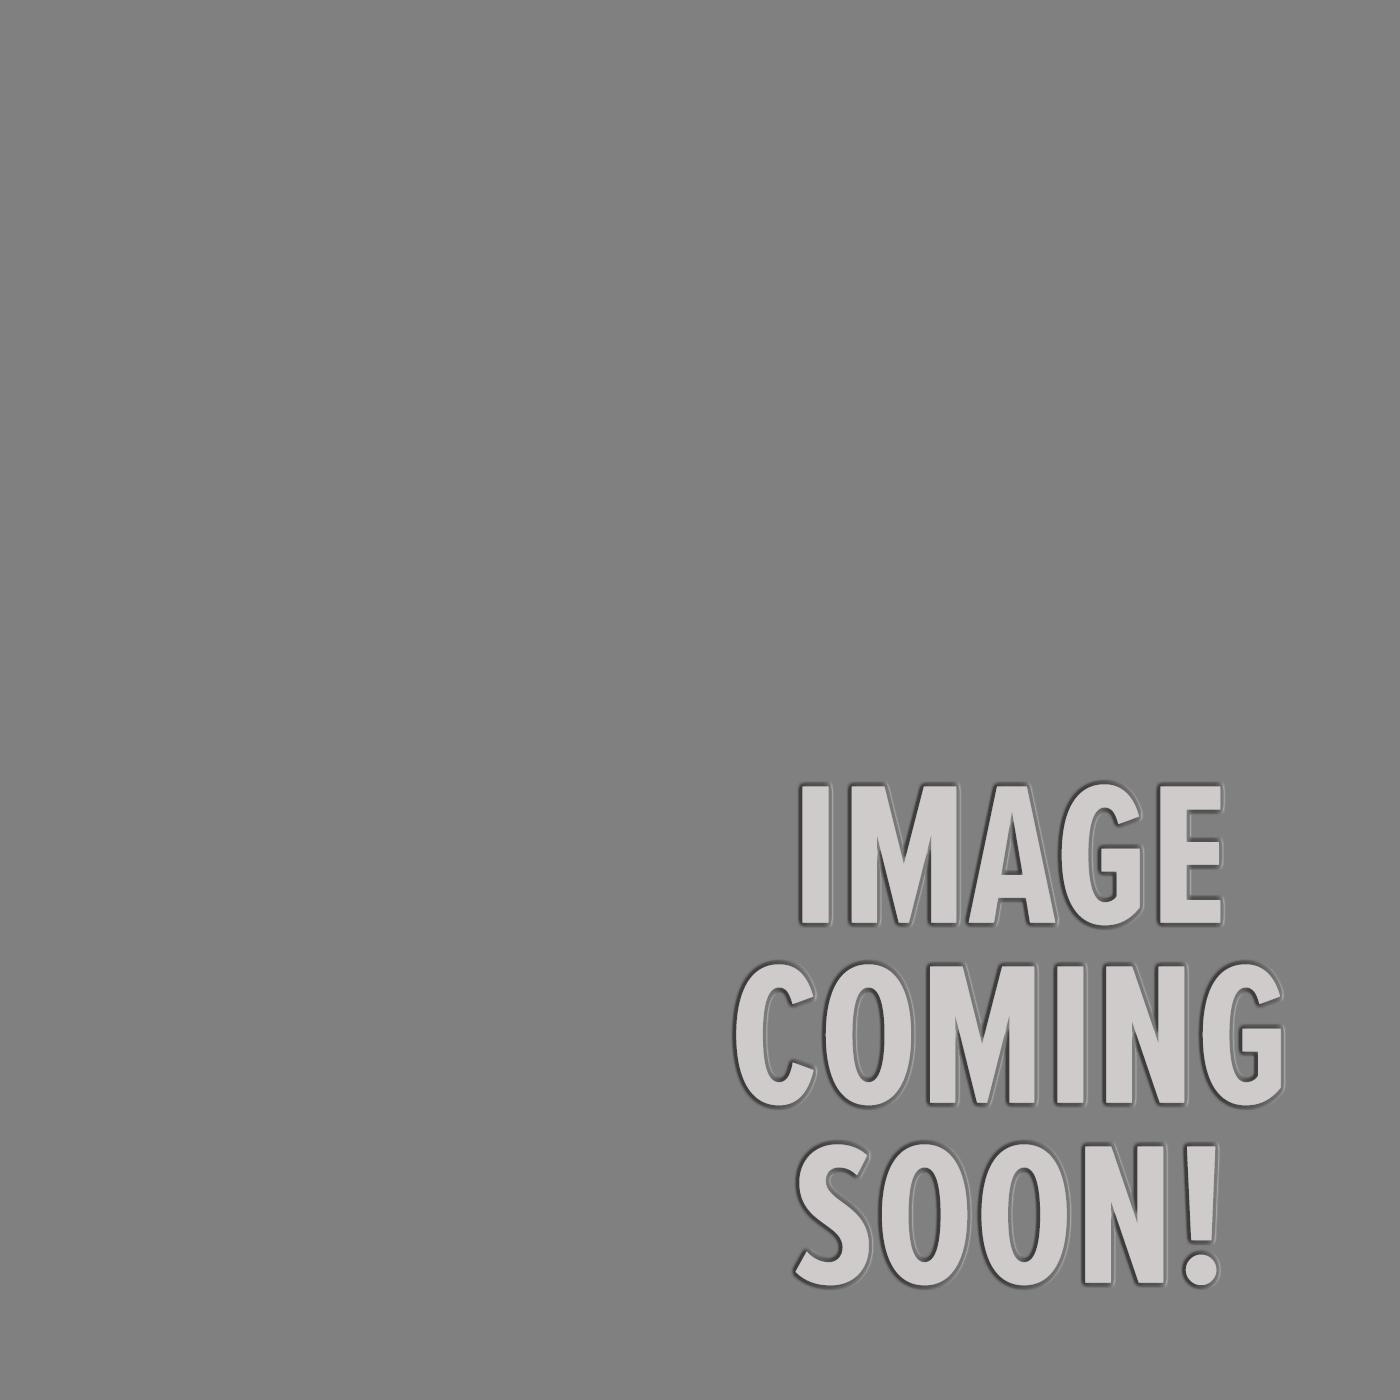 Image for JV60 Valentine James Valentine Signature Electric Guitar (Vintage Sunburst) from SamAsh